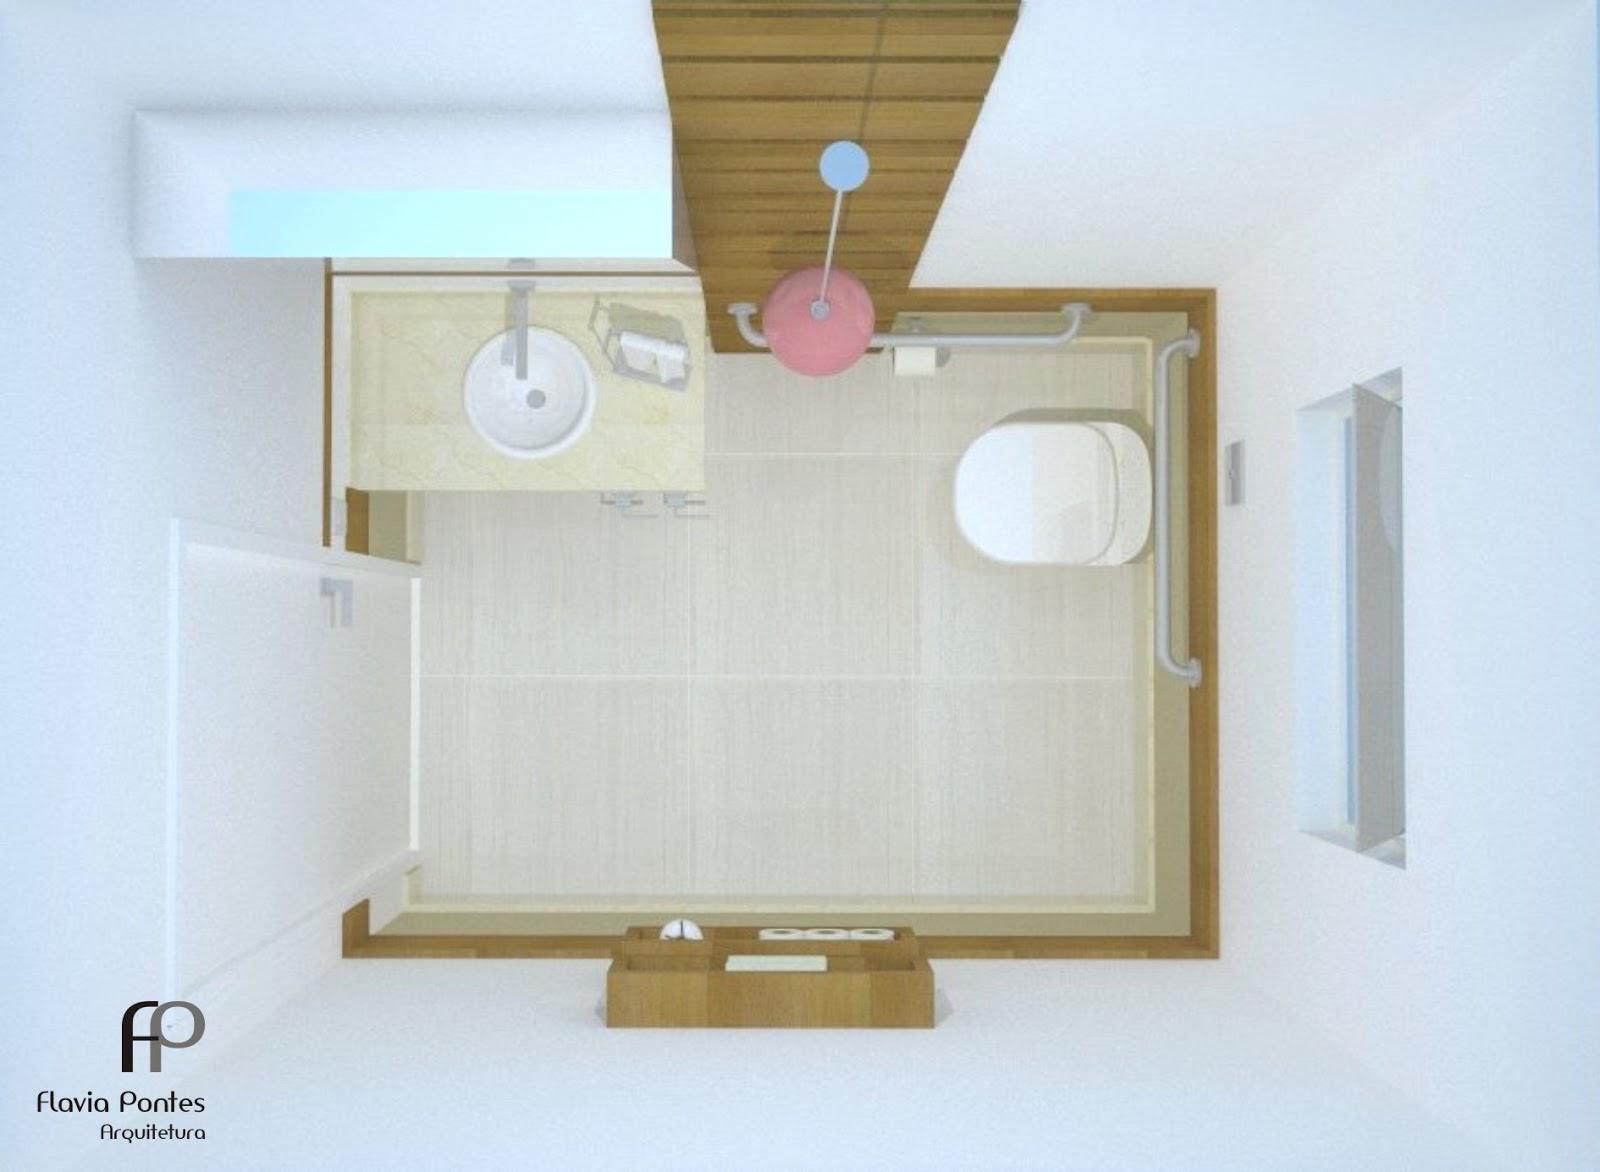 Flavia Pontes Arquitetura: Abril 2013 #887144 1600x1172 Bancada Banheiro Cadeirante